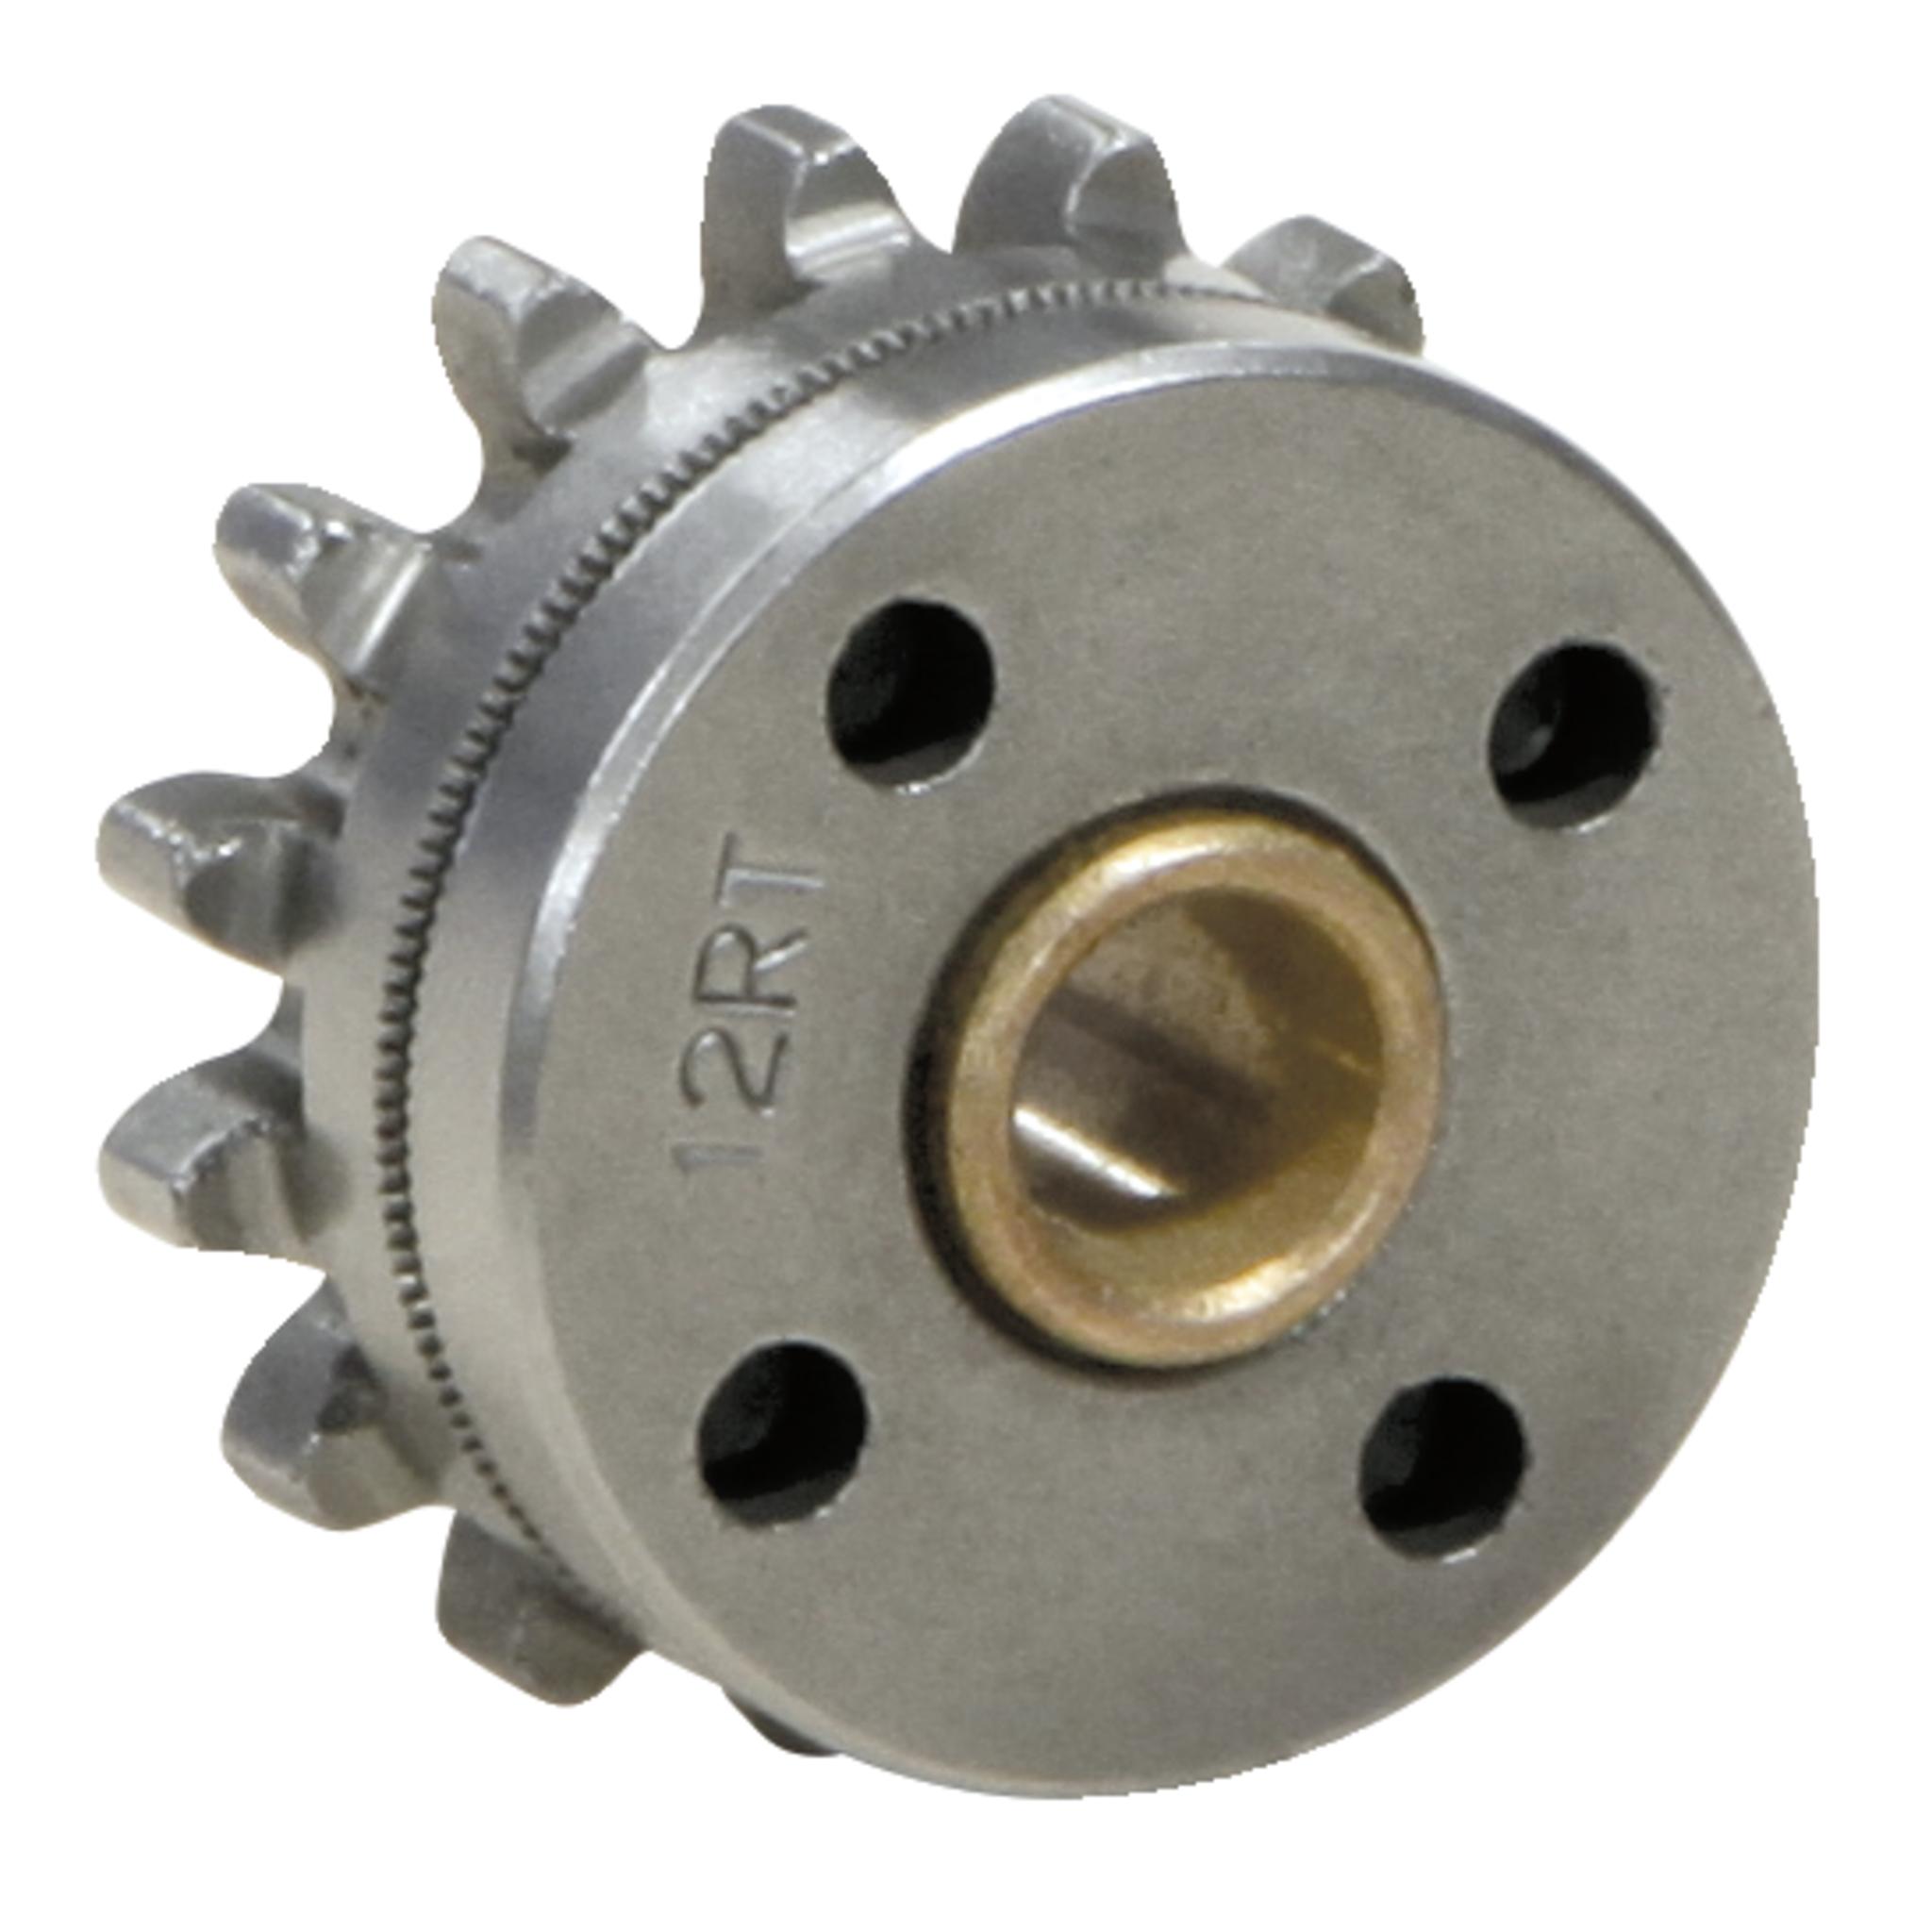 GYS 2 Vorschubrollen - Typ E - Ø 1,2 - Alu 038585